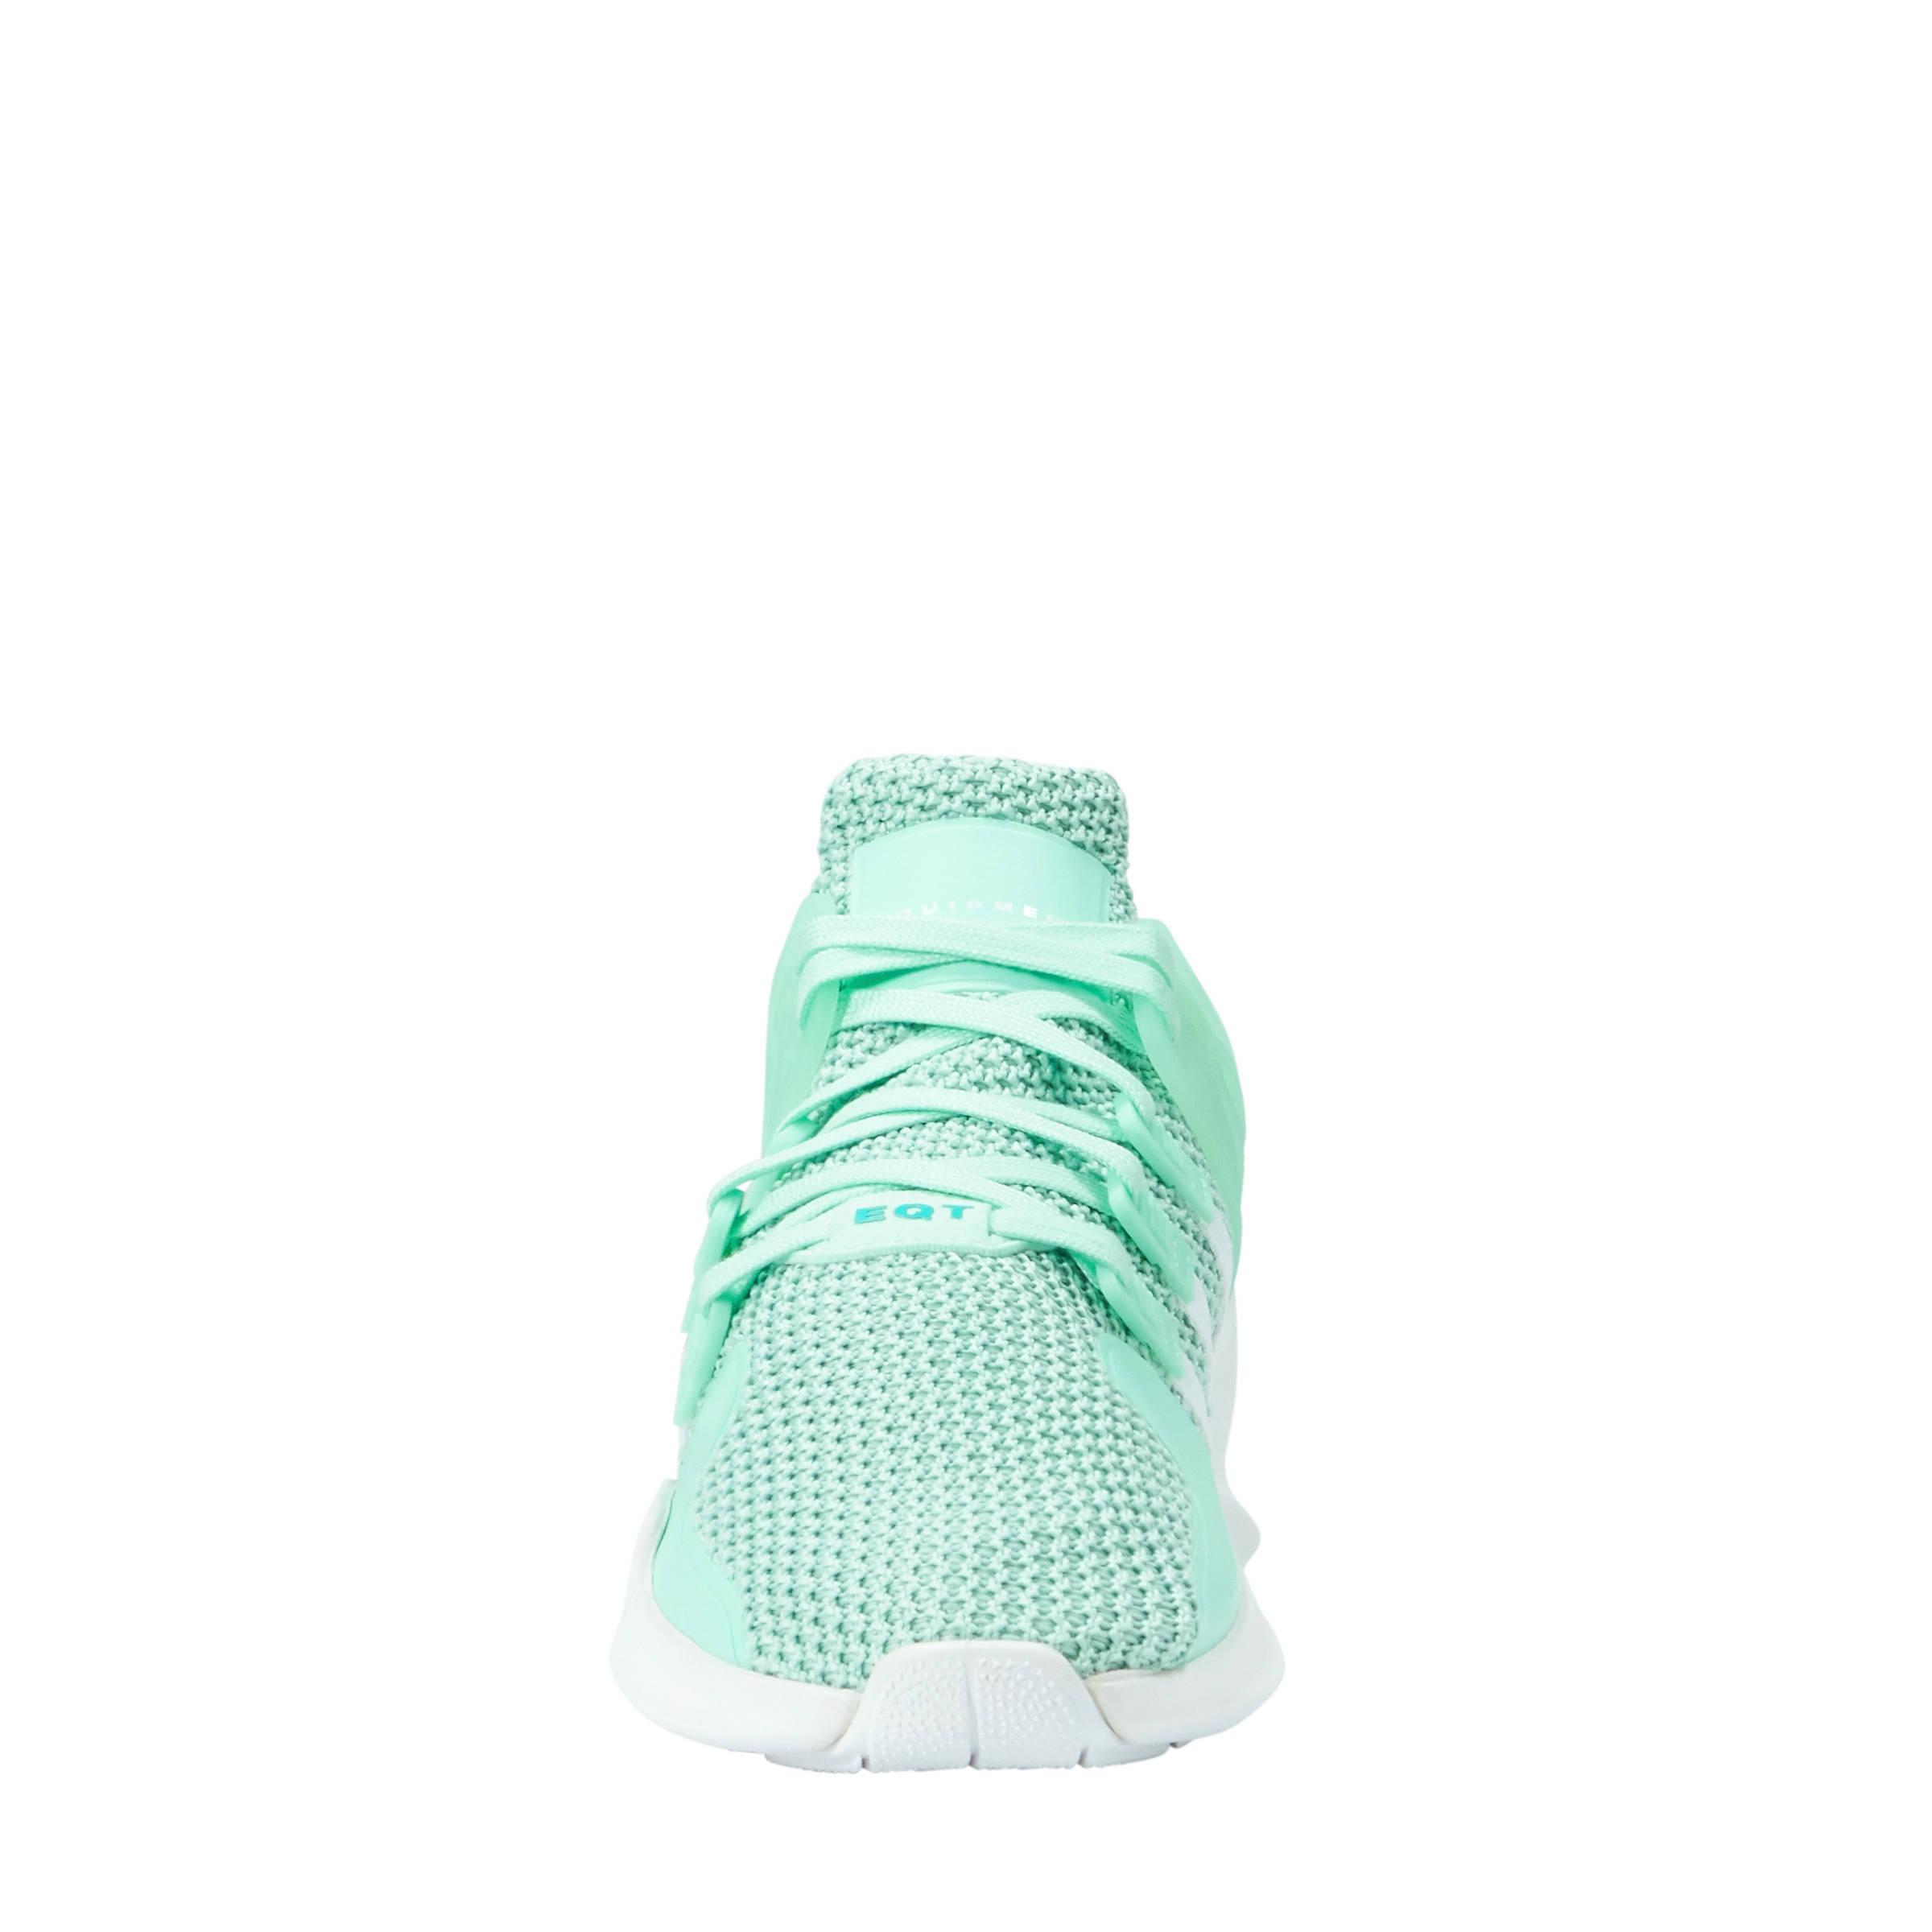 newest e04b3 6f7bb adidas originals EQT Support ADV sneakers mintgroen  wehkamp